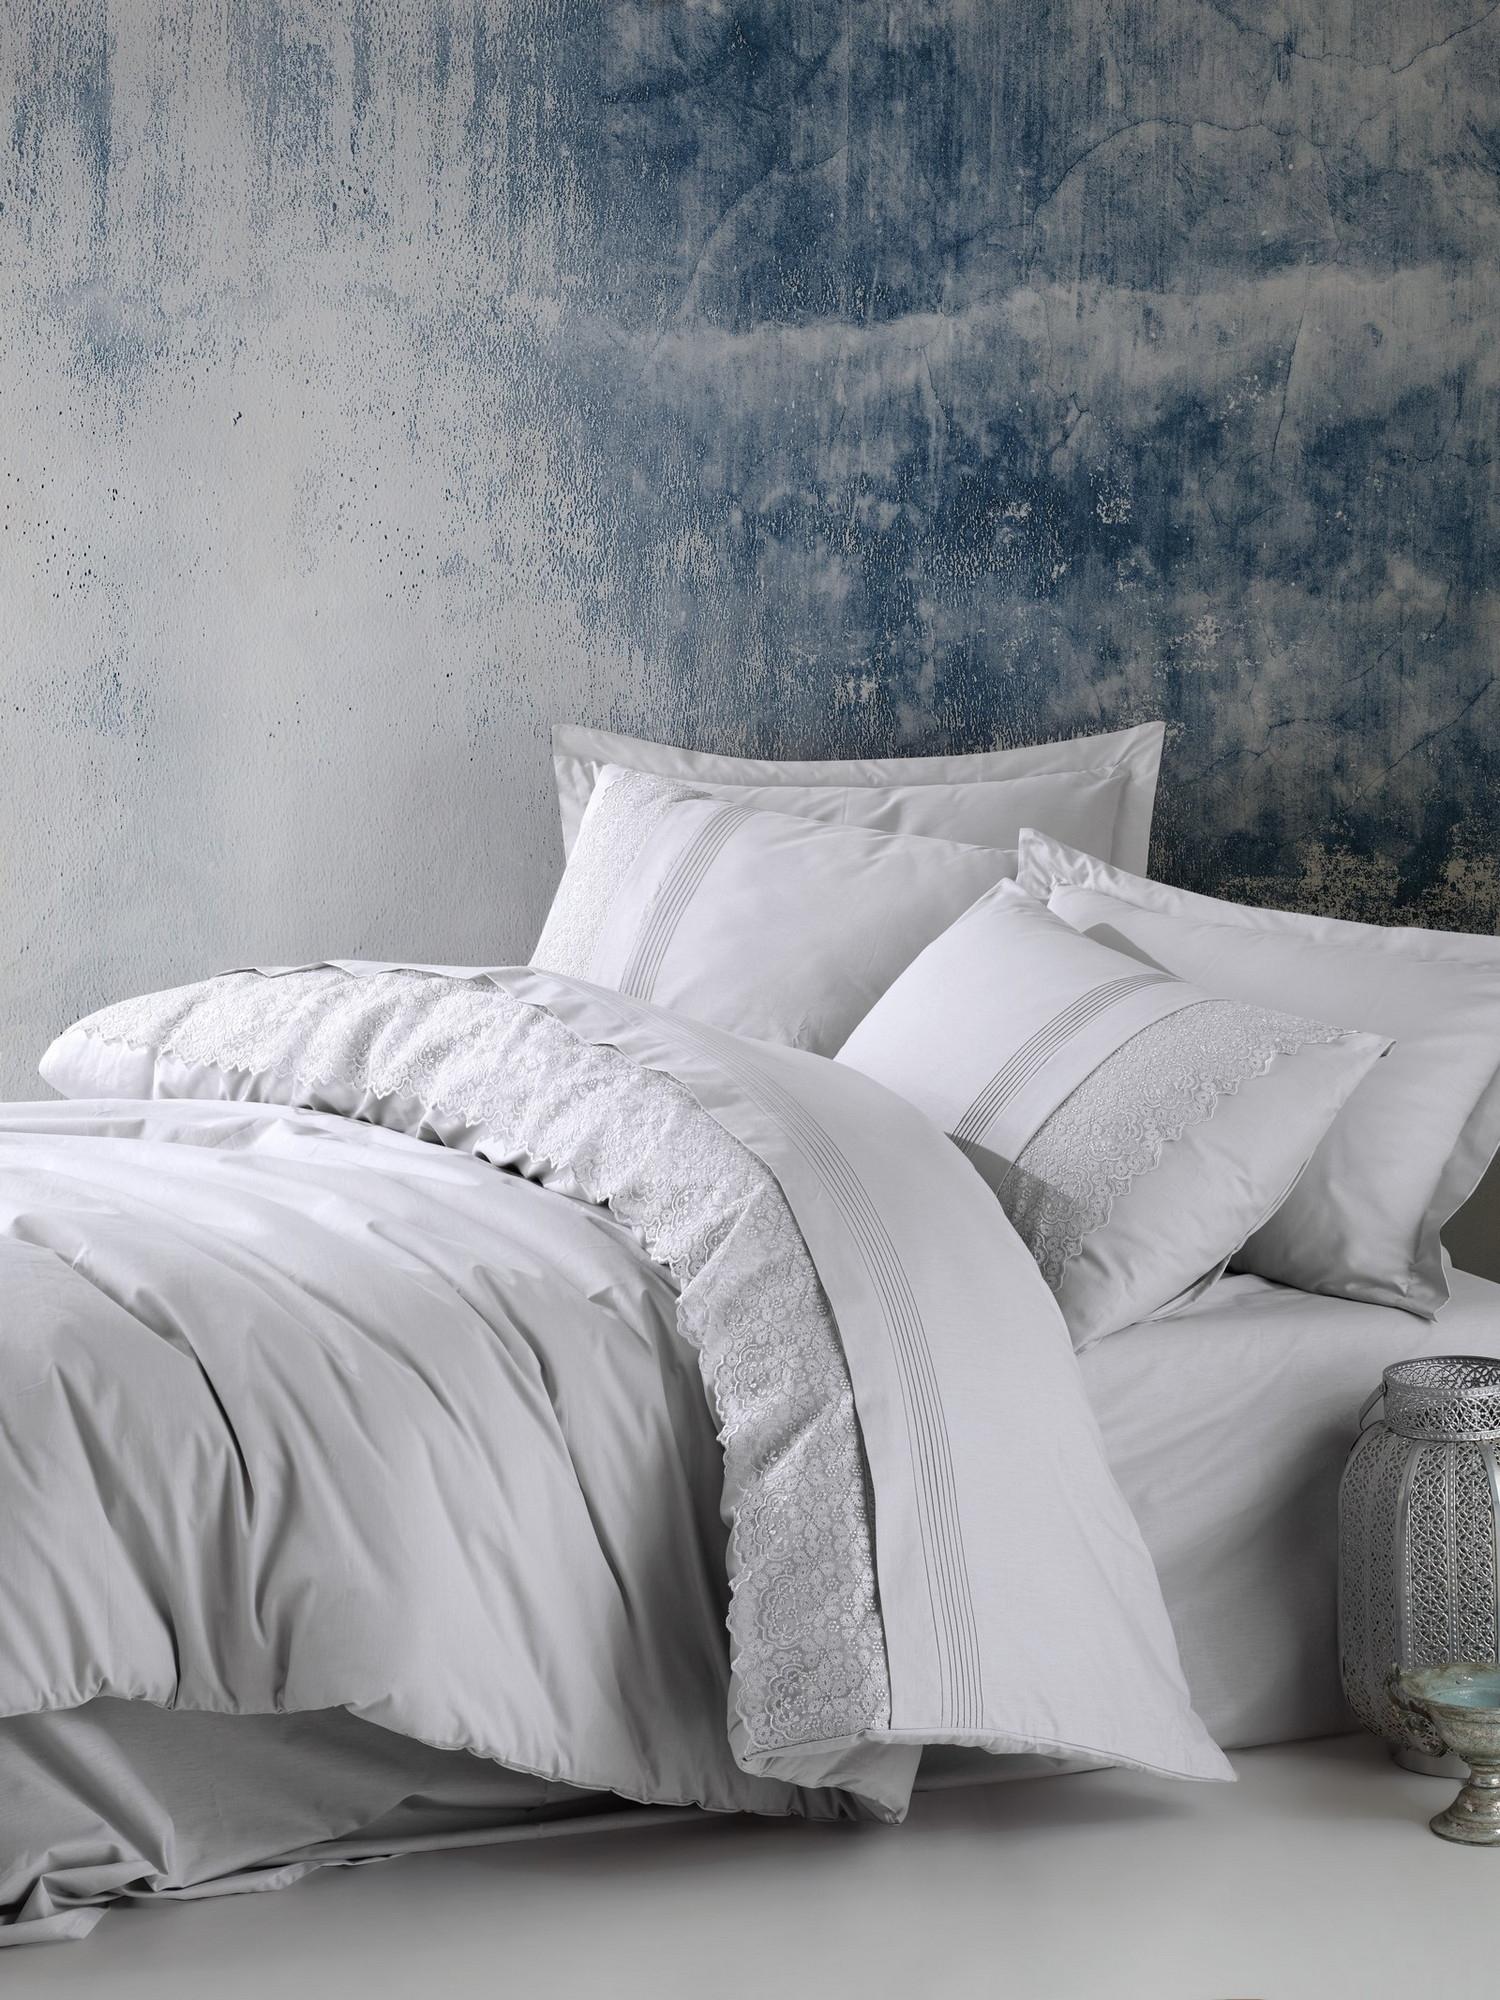 Lenjerie de pat din bumbac Ranforce Elba Gri, 200 x 220 cm imagine